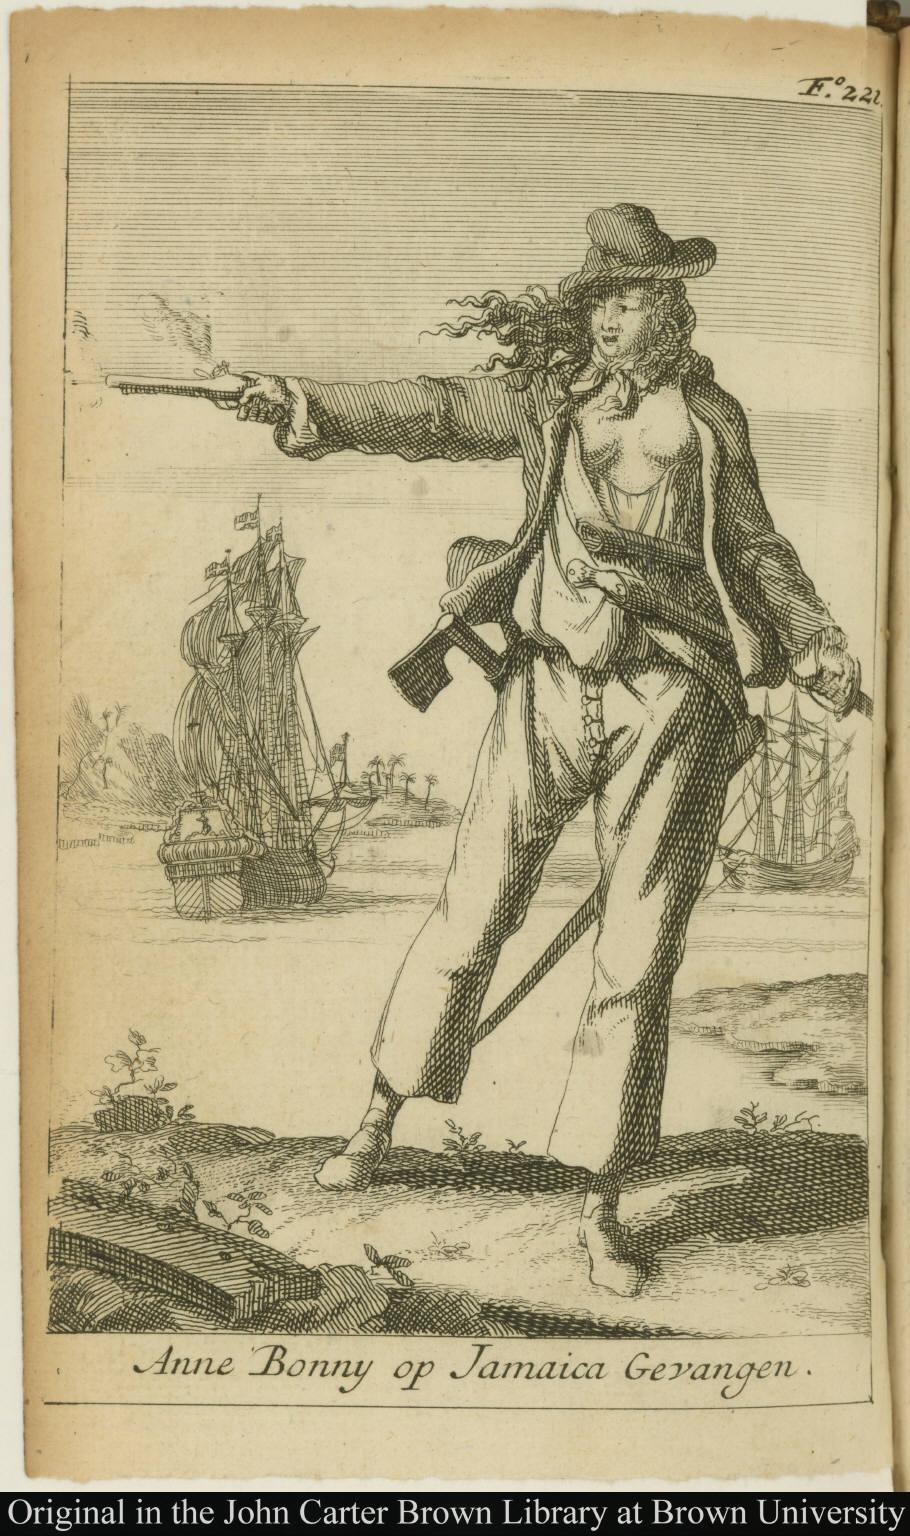 Anne Bonny op Jamaica Gevangen.